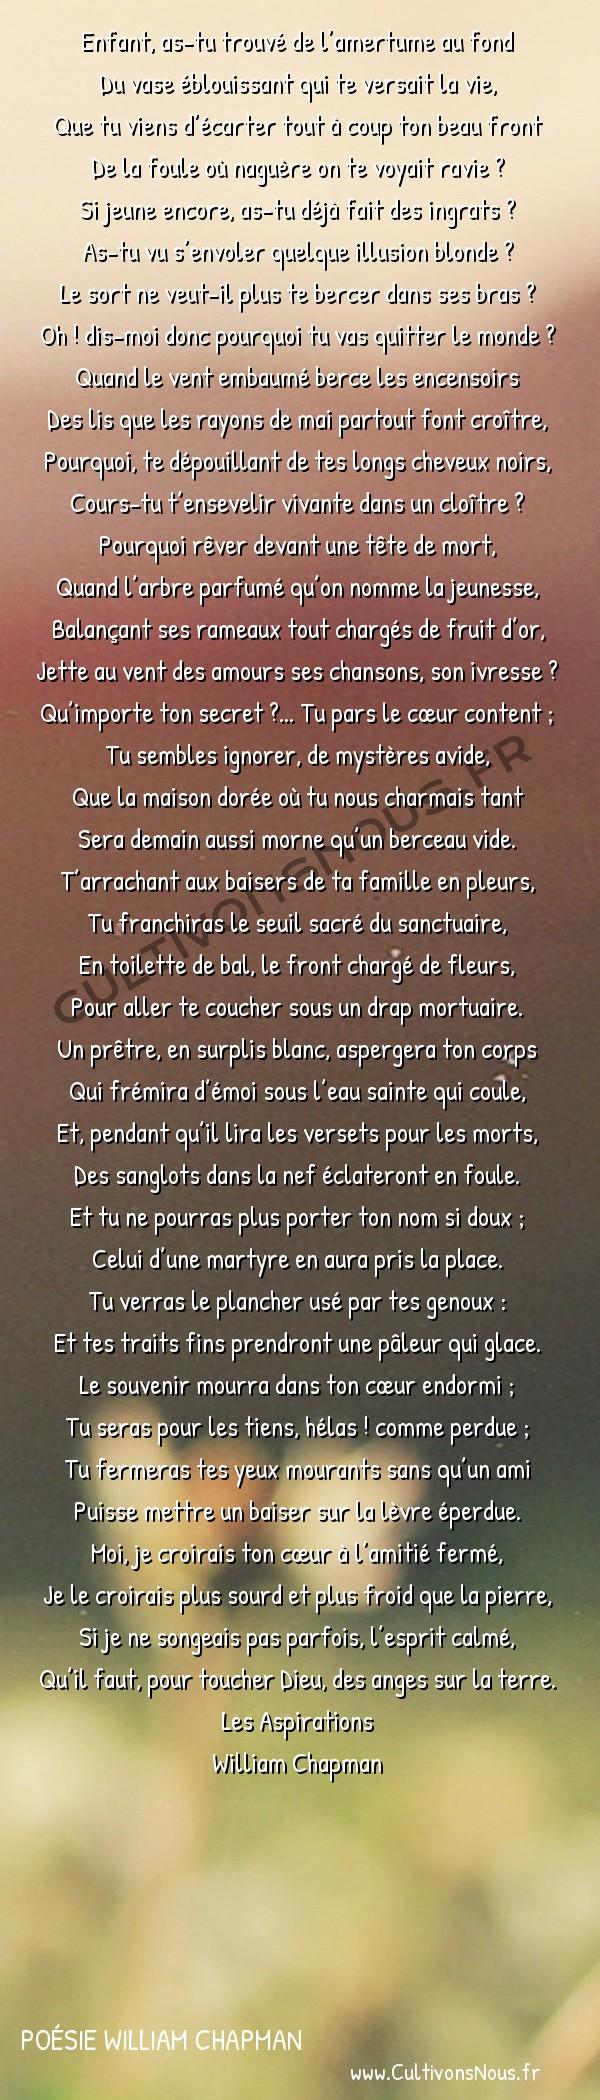 Poésie William Chapman - Les Aspirations - À Mademoiselle -  Enfant, as-tu trouvé de l'amertume au fond Du vase éblouissant qui te versait la vie,